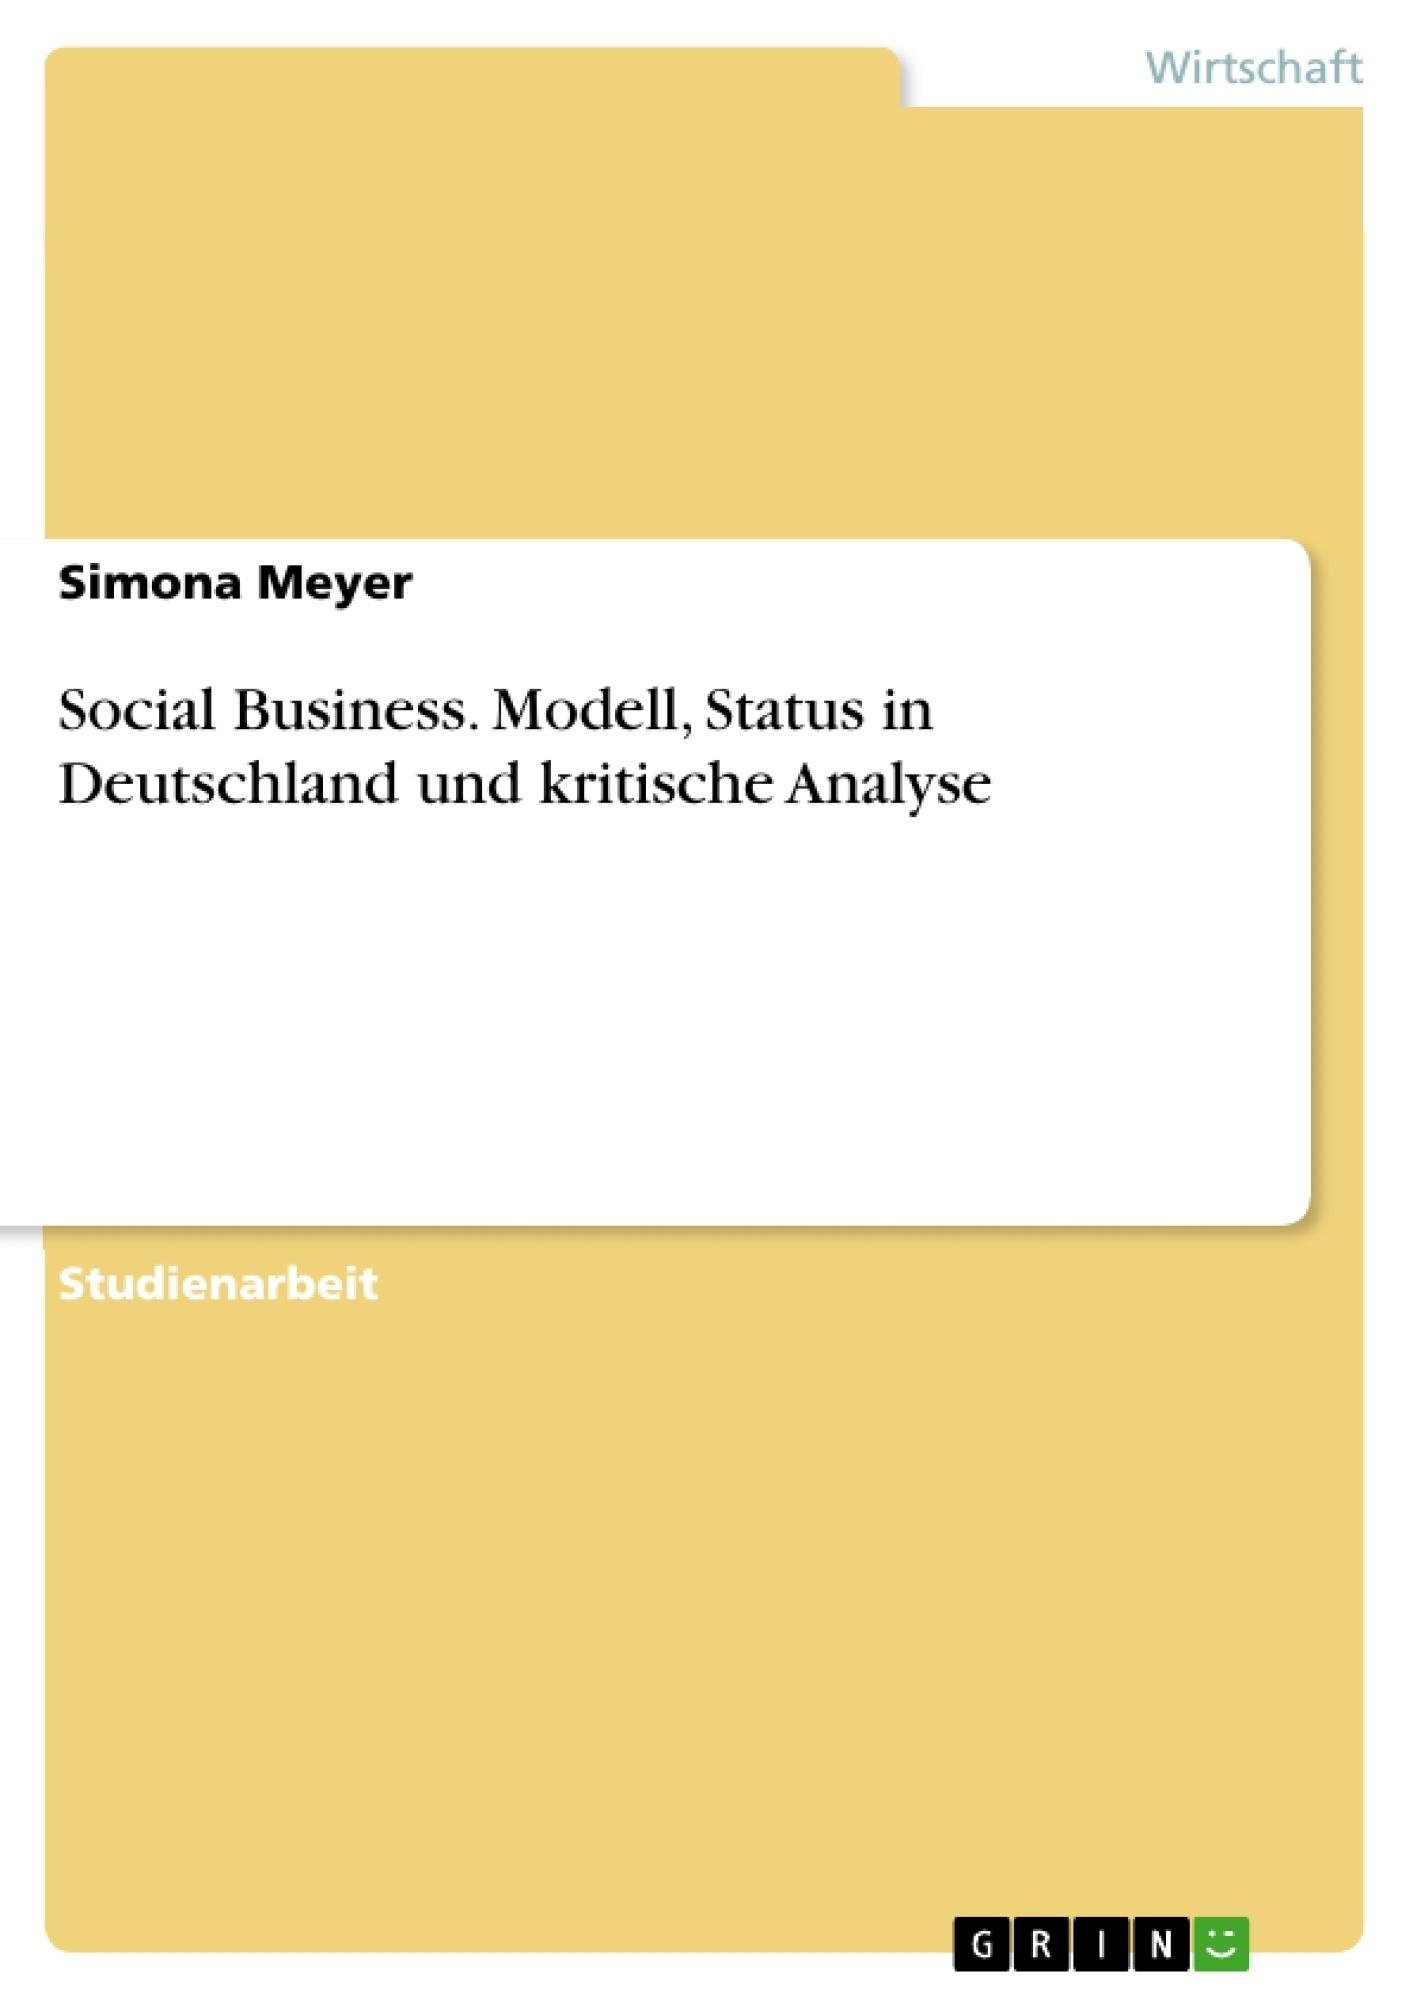 Titel: Social Business. Modell, Status in Deutschland und kritische Analyse